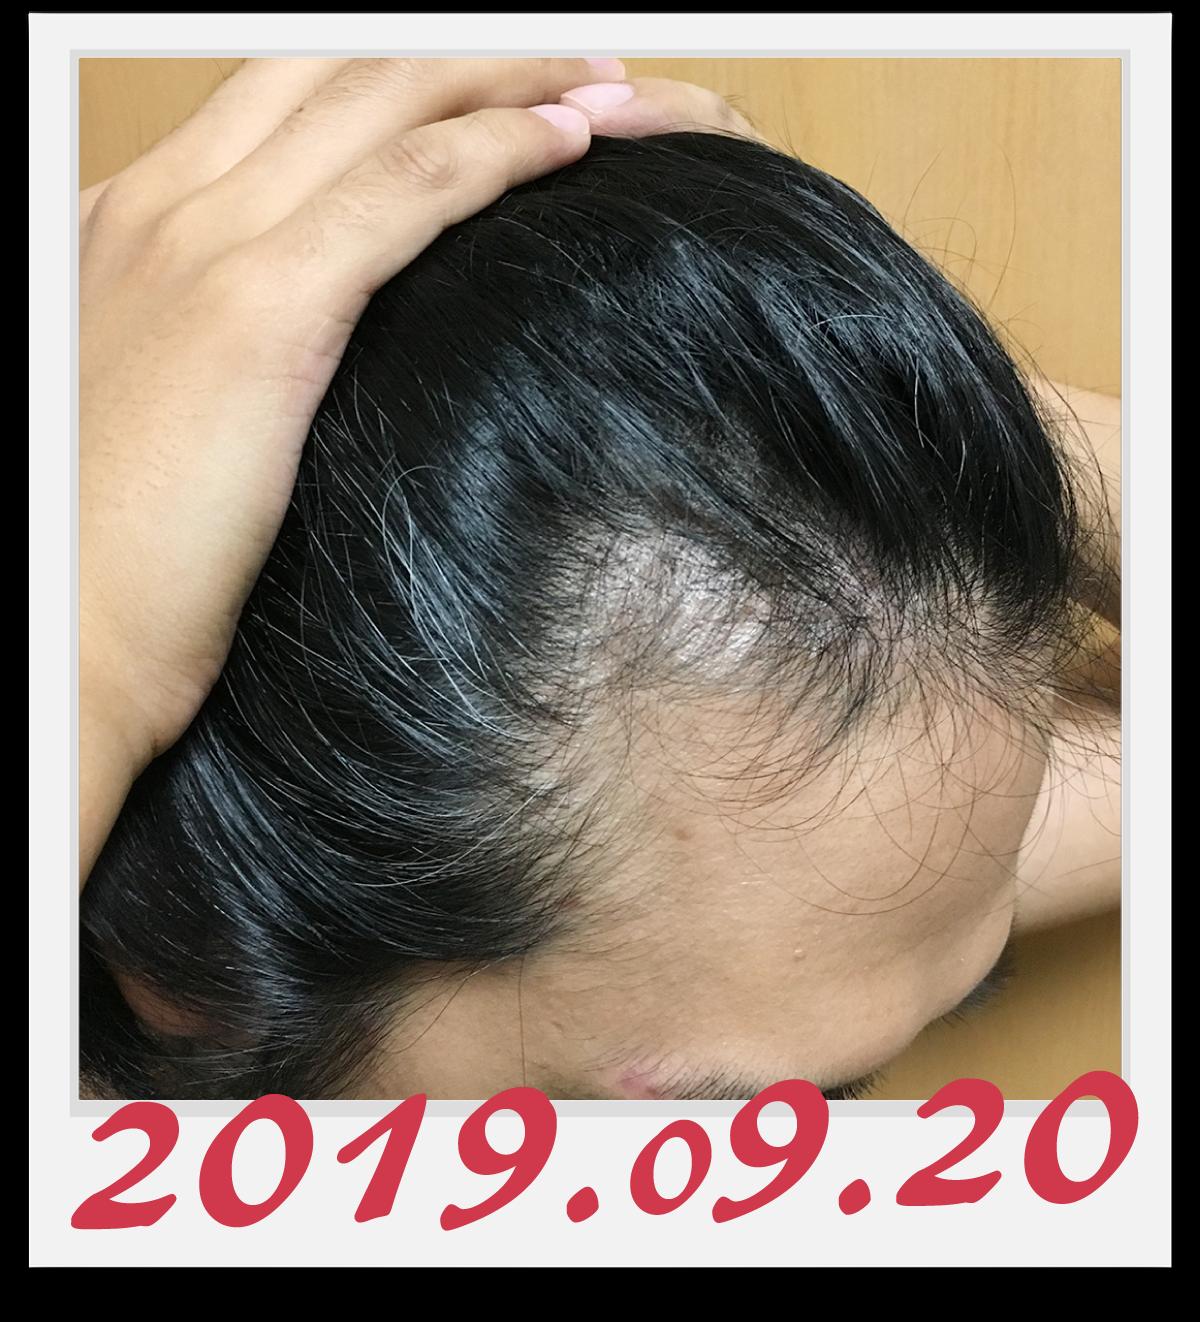 2019年9月20日に撮影した右側の生え際